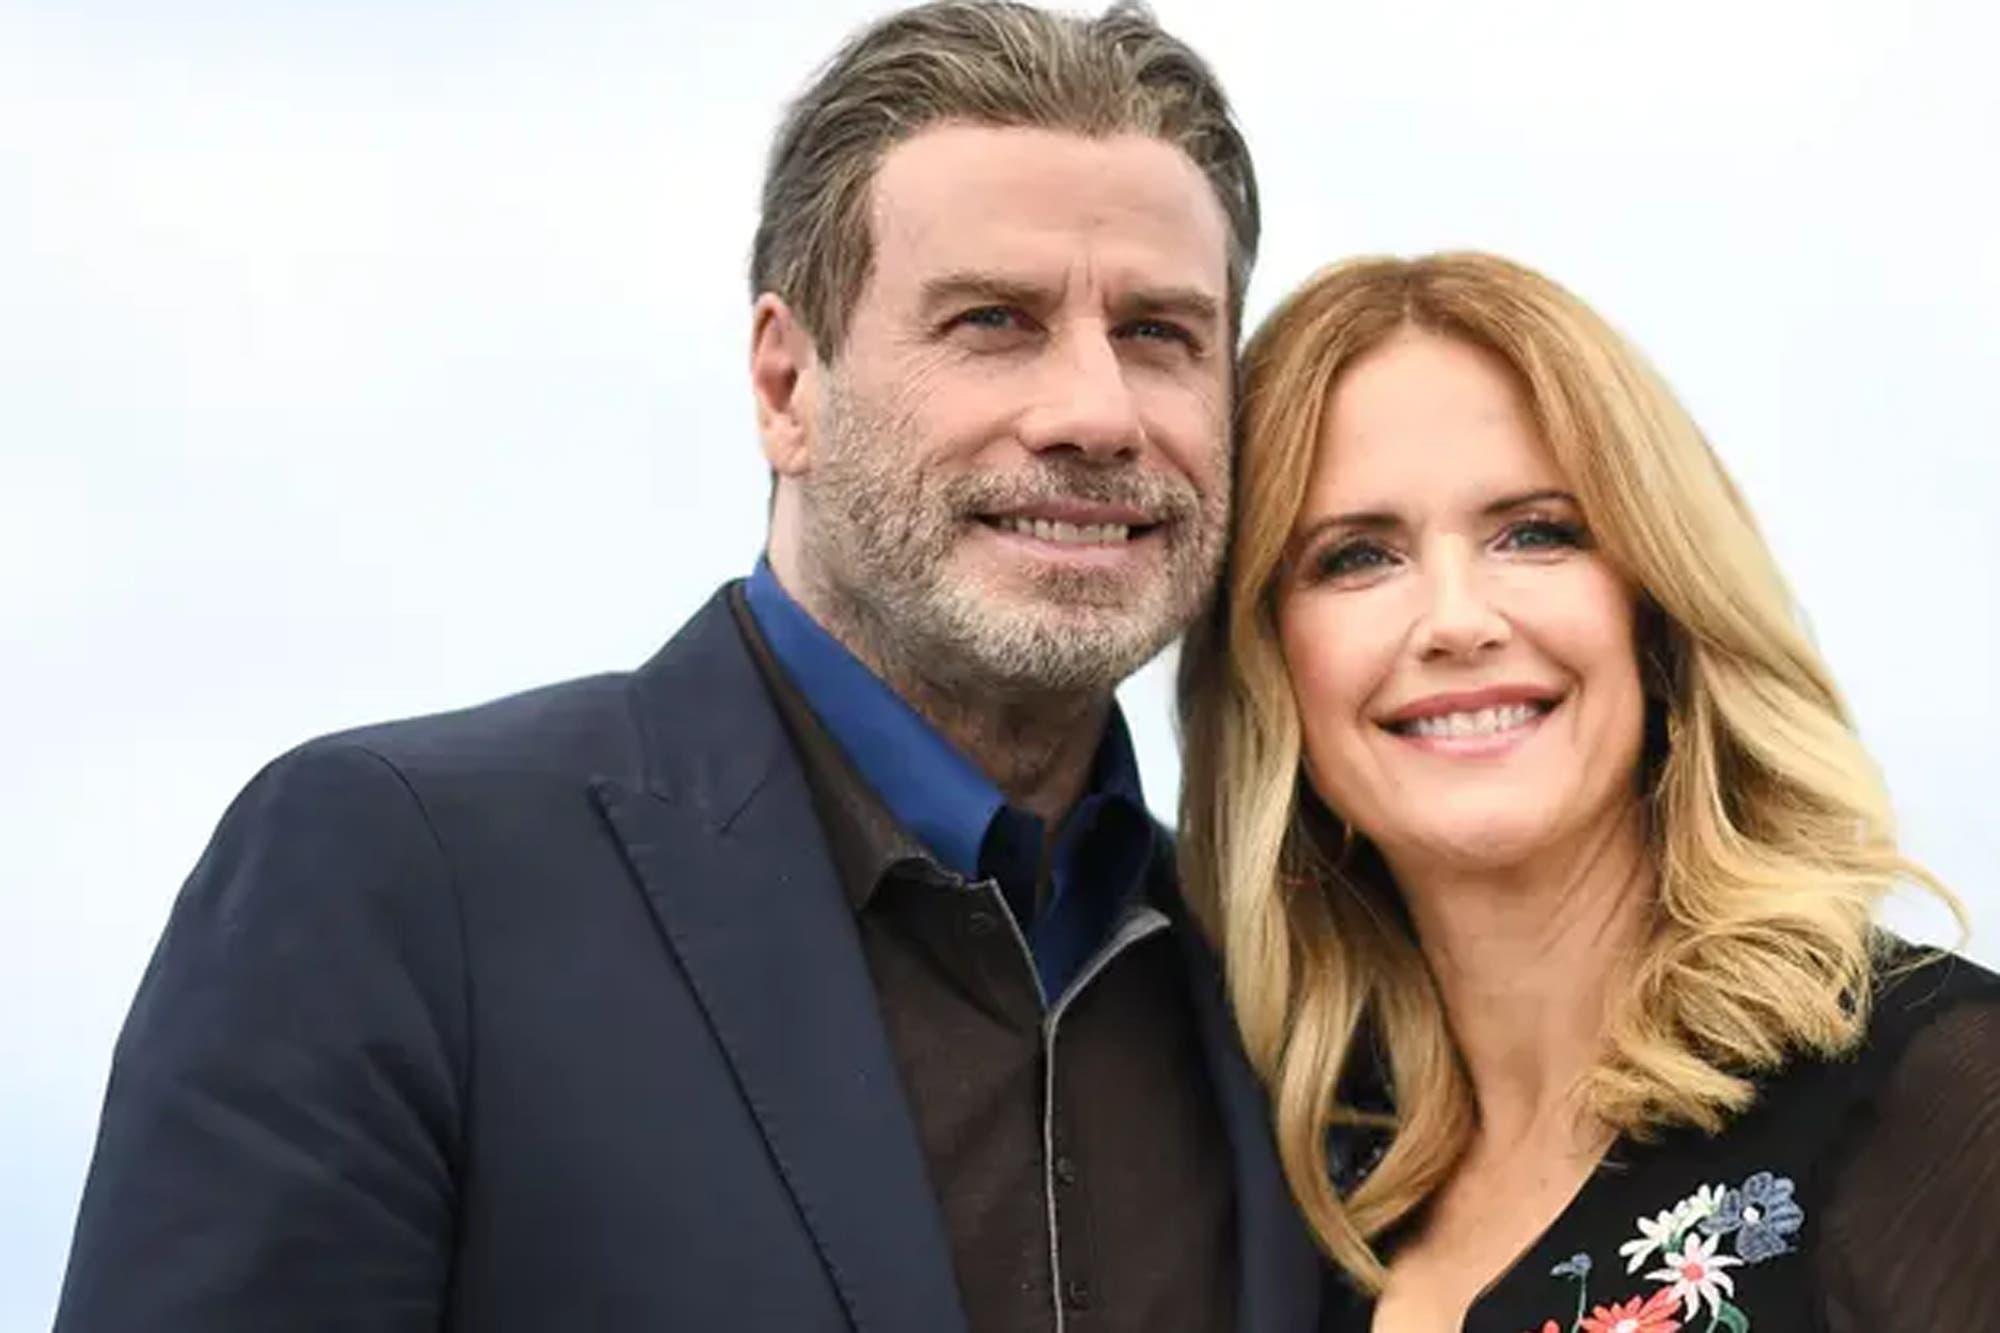 La incomodidad de John Travolta al ver una escena de sexo entre Kelly Preston y Tom Cruise